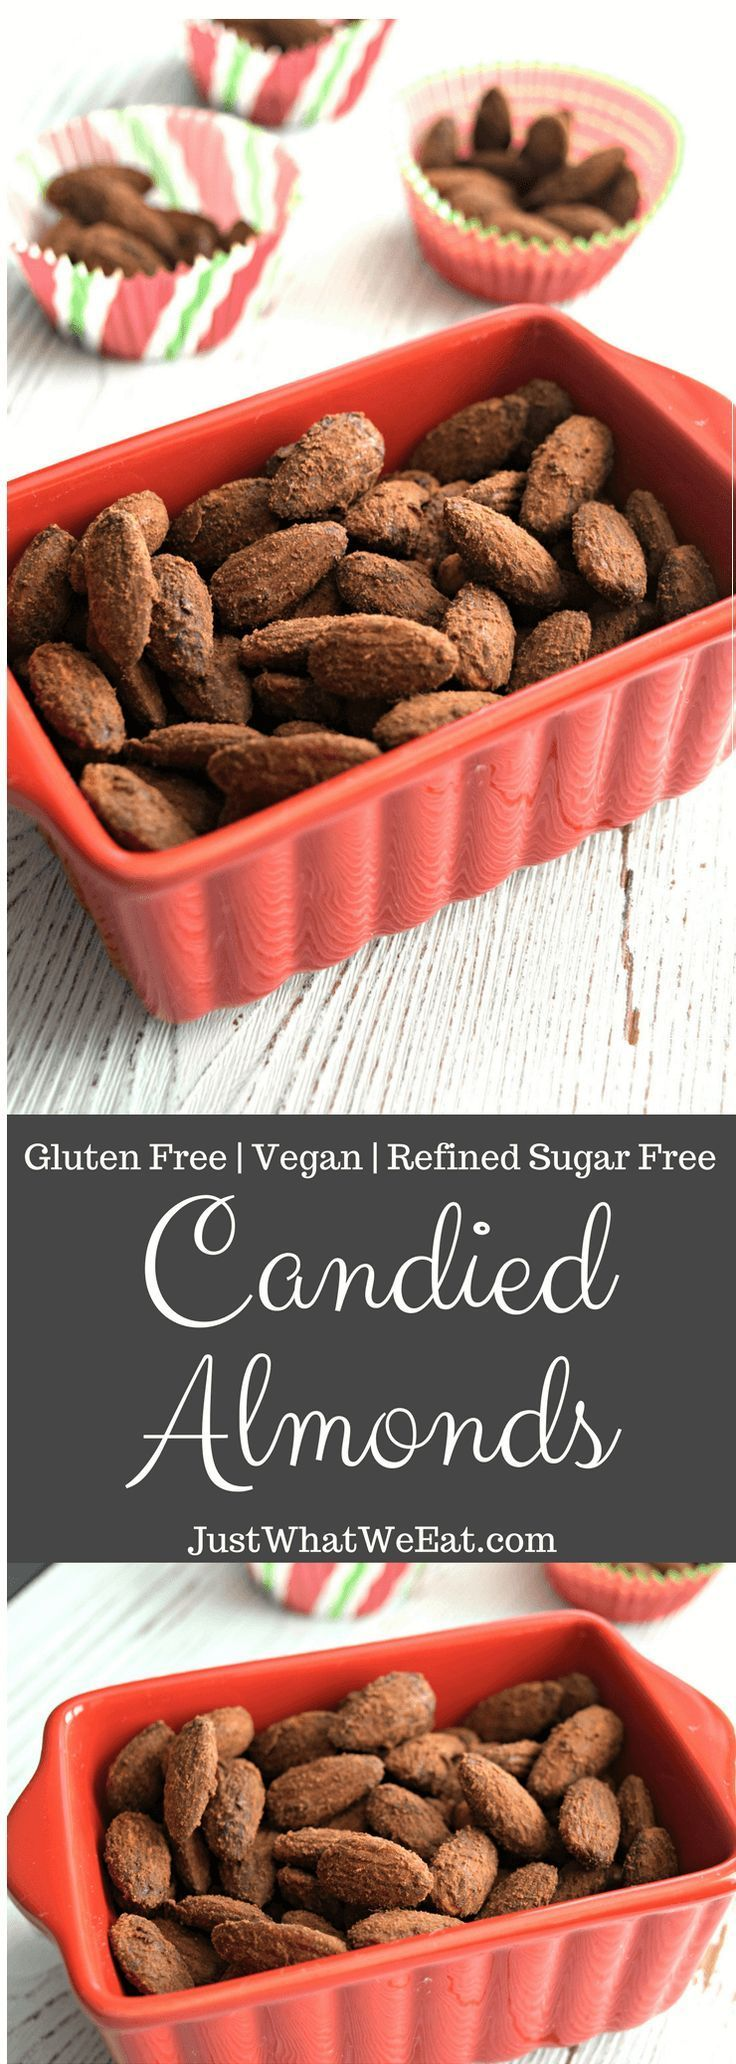 Candied almonds gluten free vegan refined sugar free